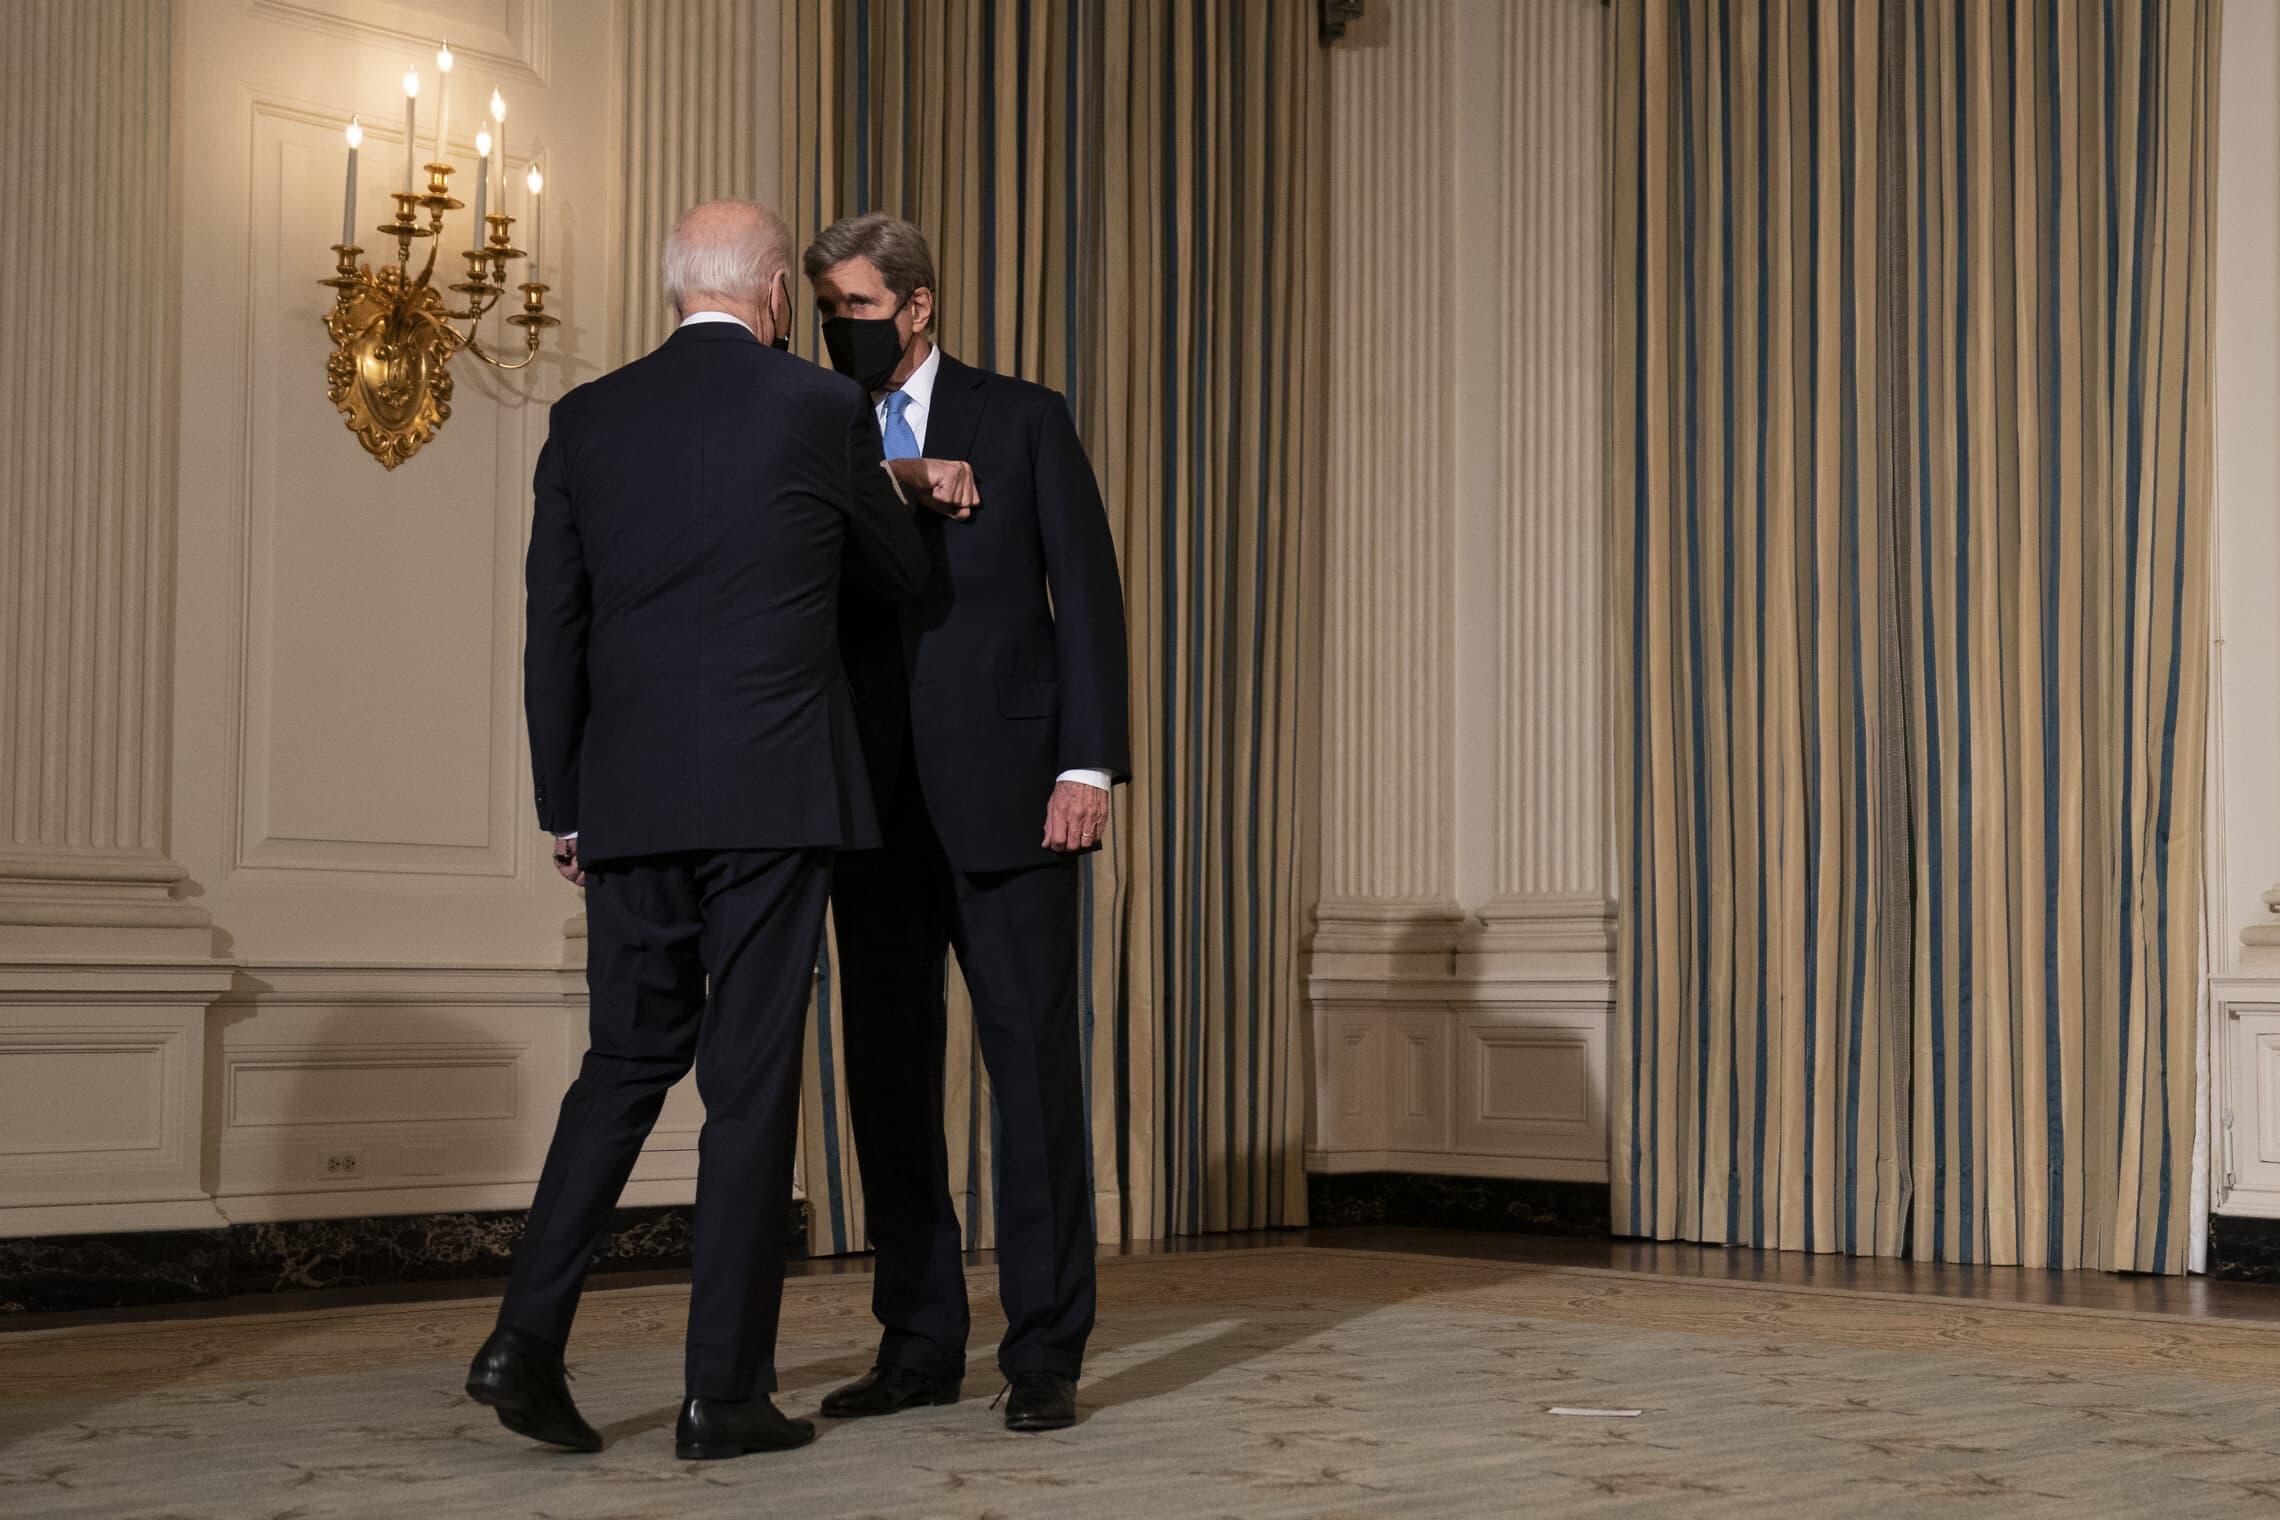 ג'ו ביידן וג'ון קרי בבית הלבן, 27 בינואר 2021 (צילום: AP Photo/Evan Vucci)